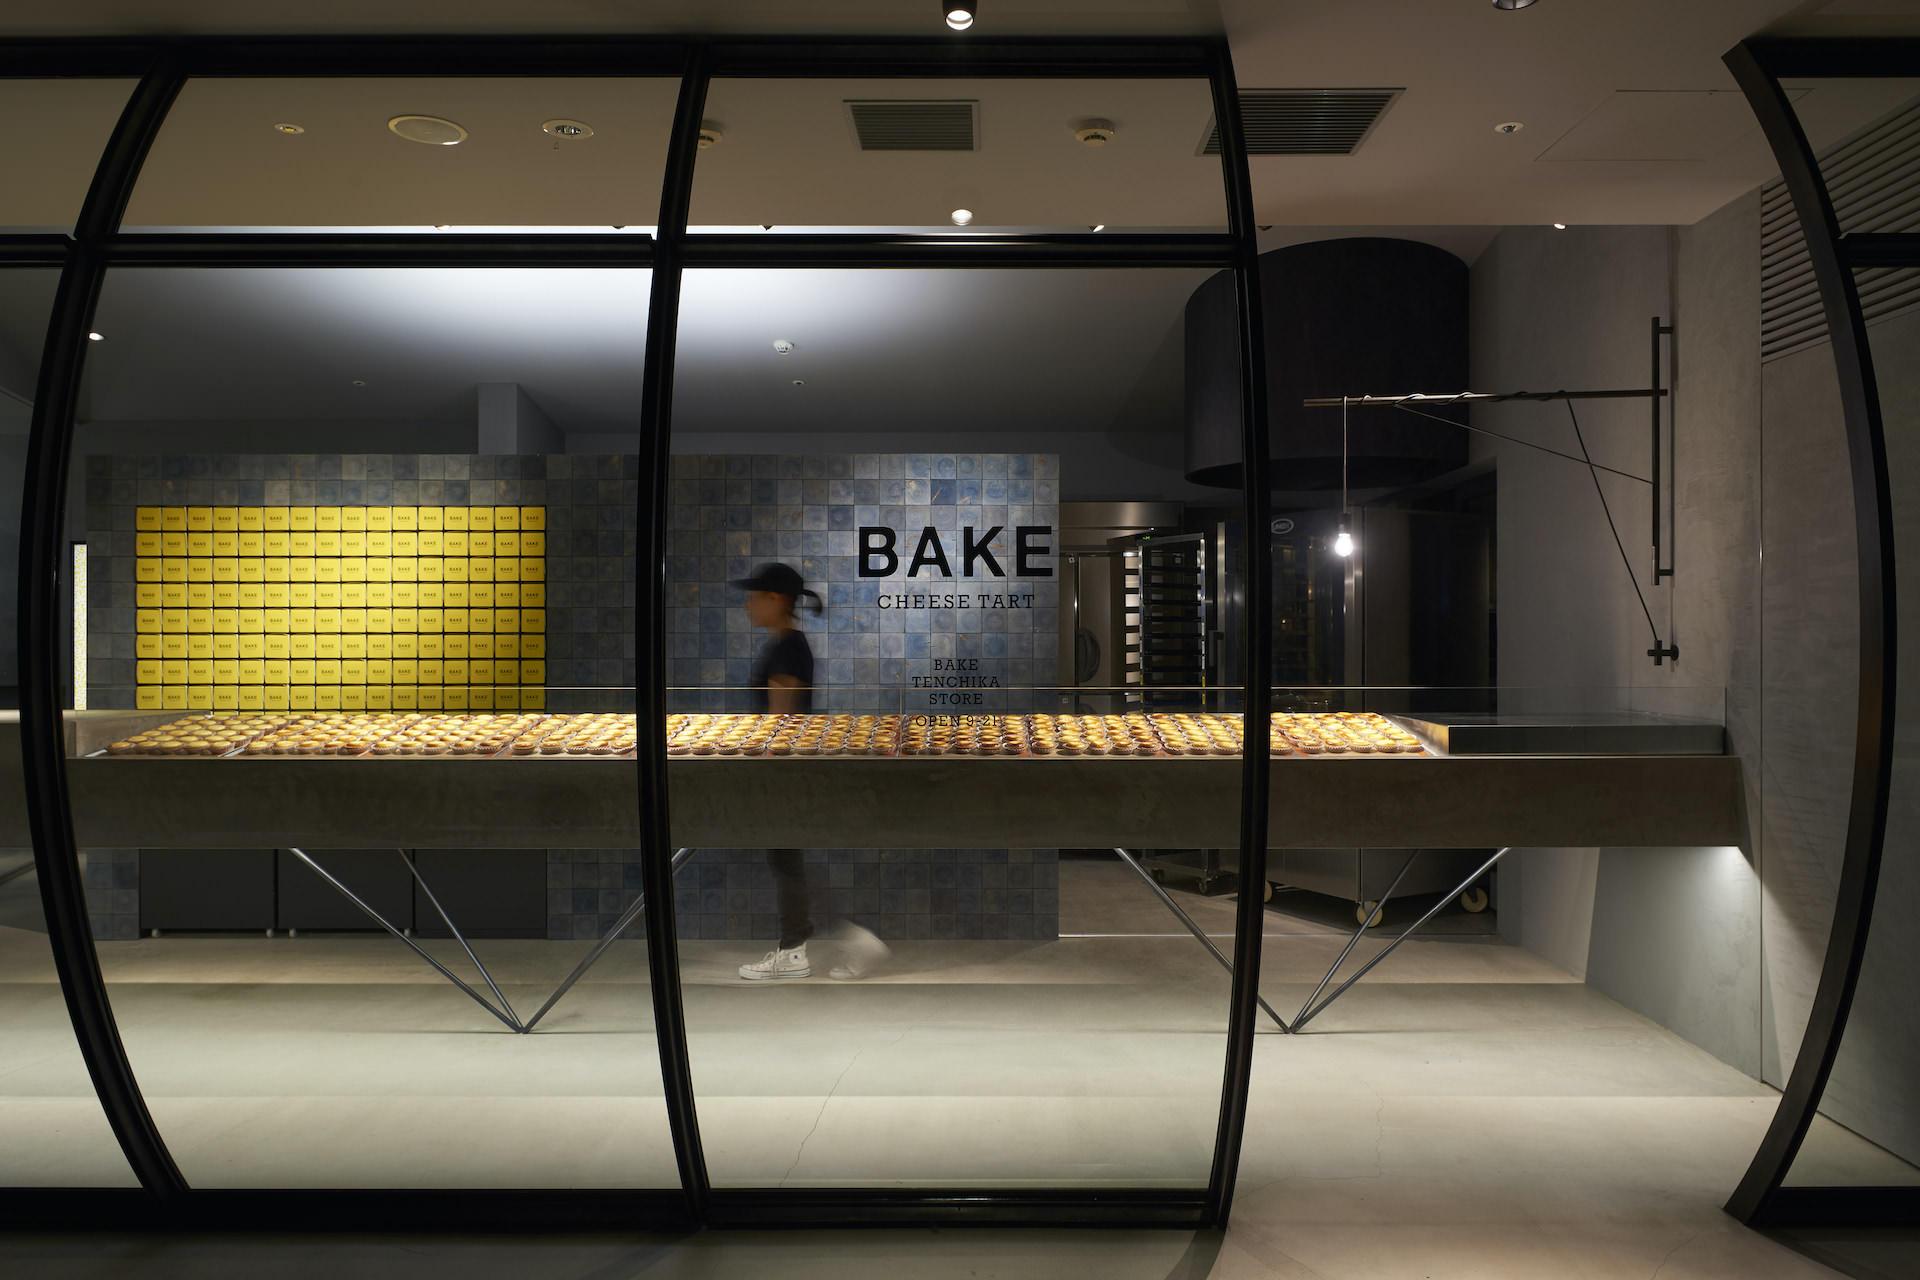 BAKE CHEESE TART / FUKUOKA